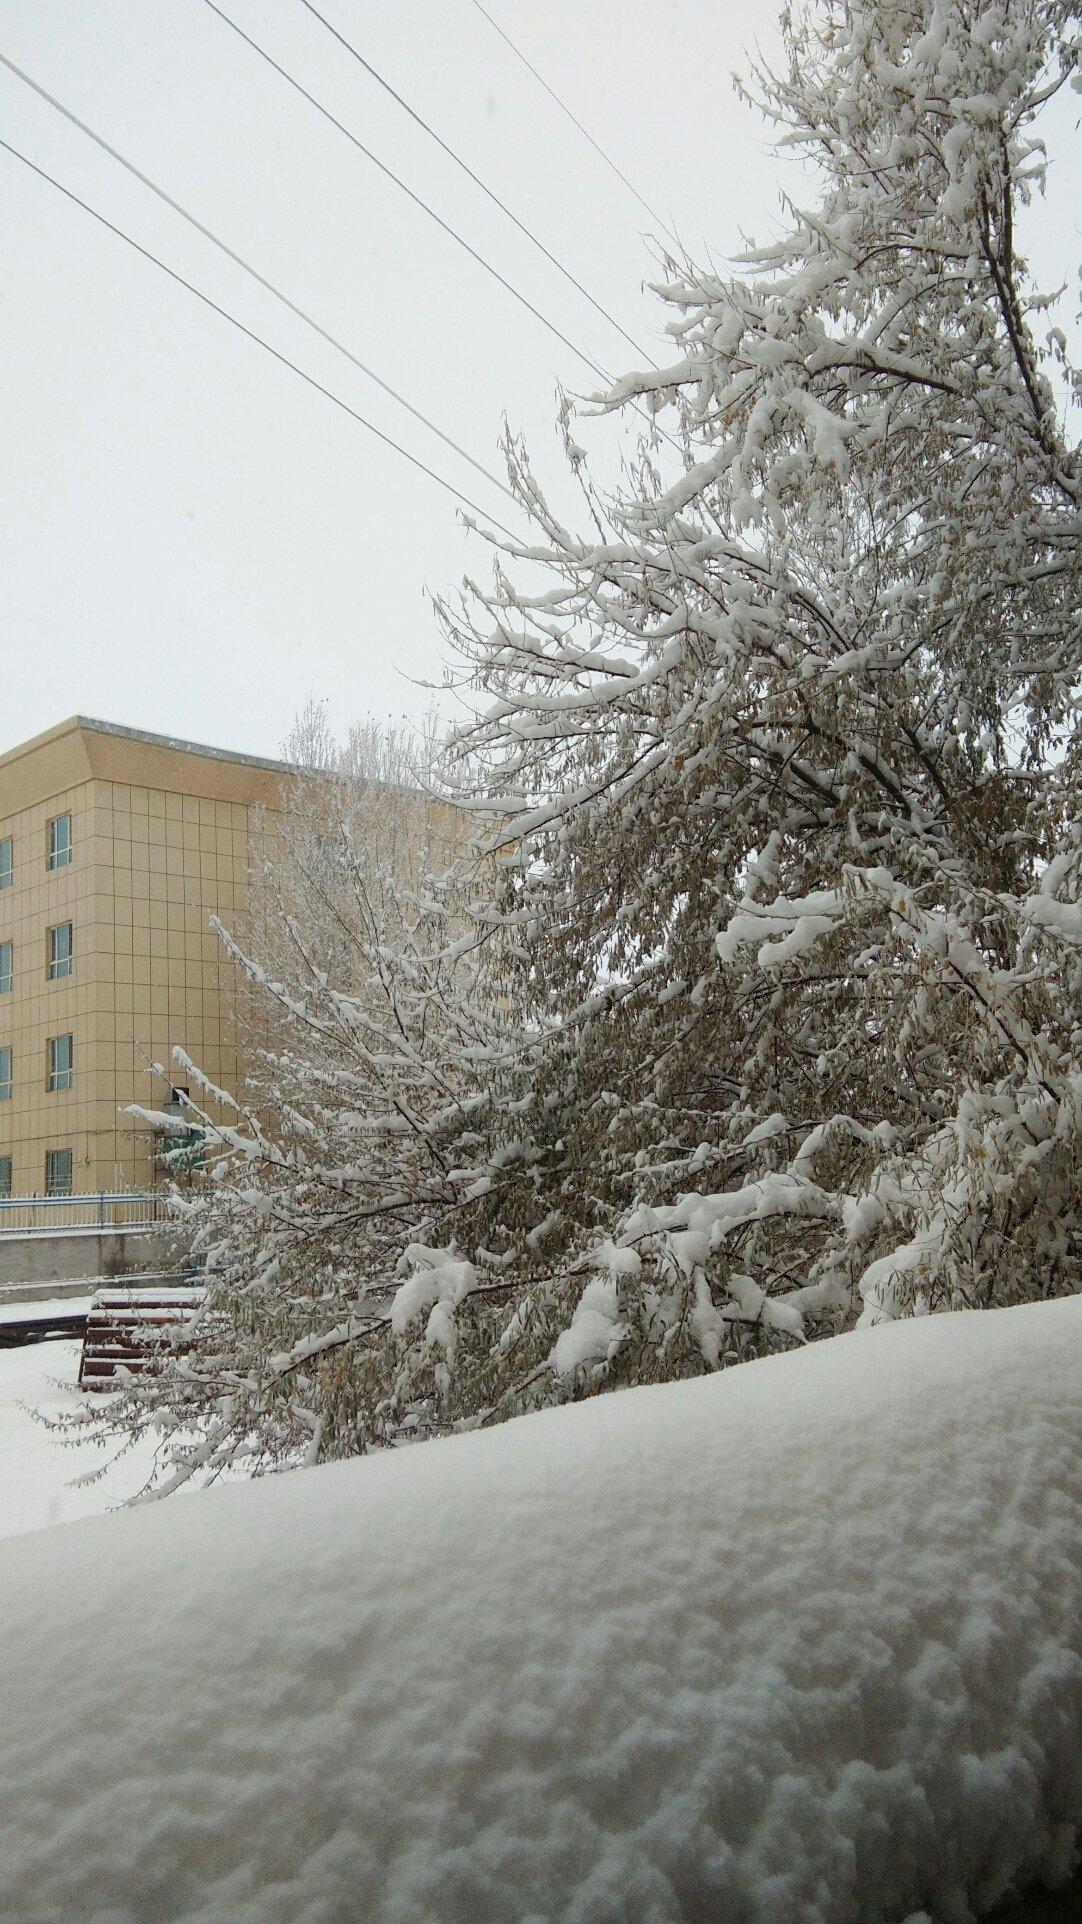 新疆维吾尔自治区阿勒泰地区青河县阿热勒托别镇228省道天气预报